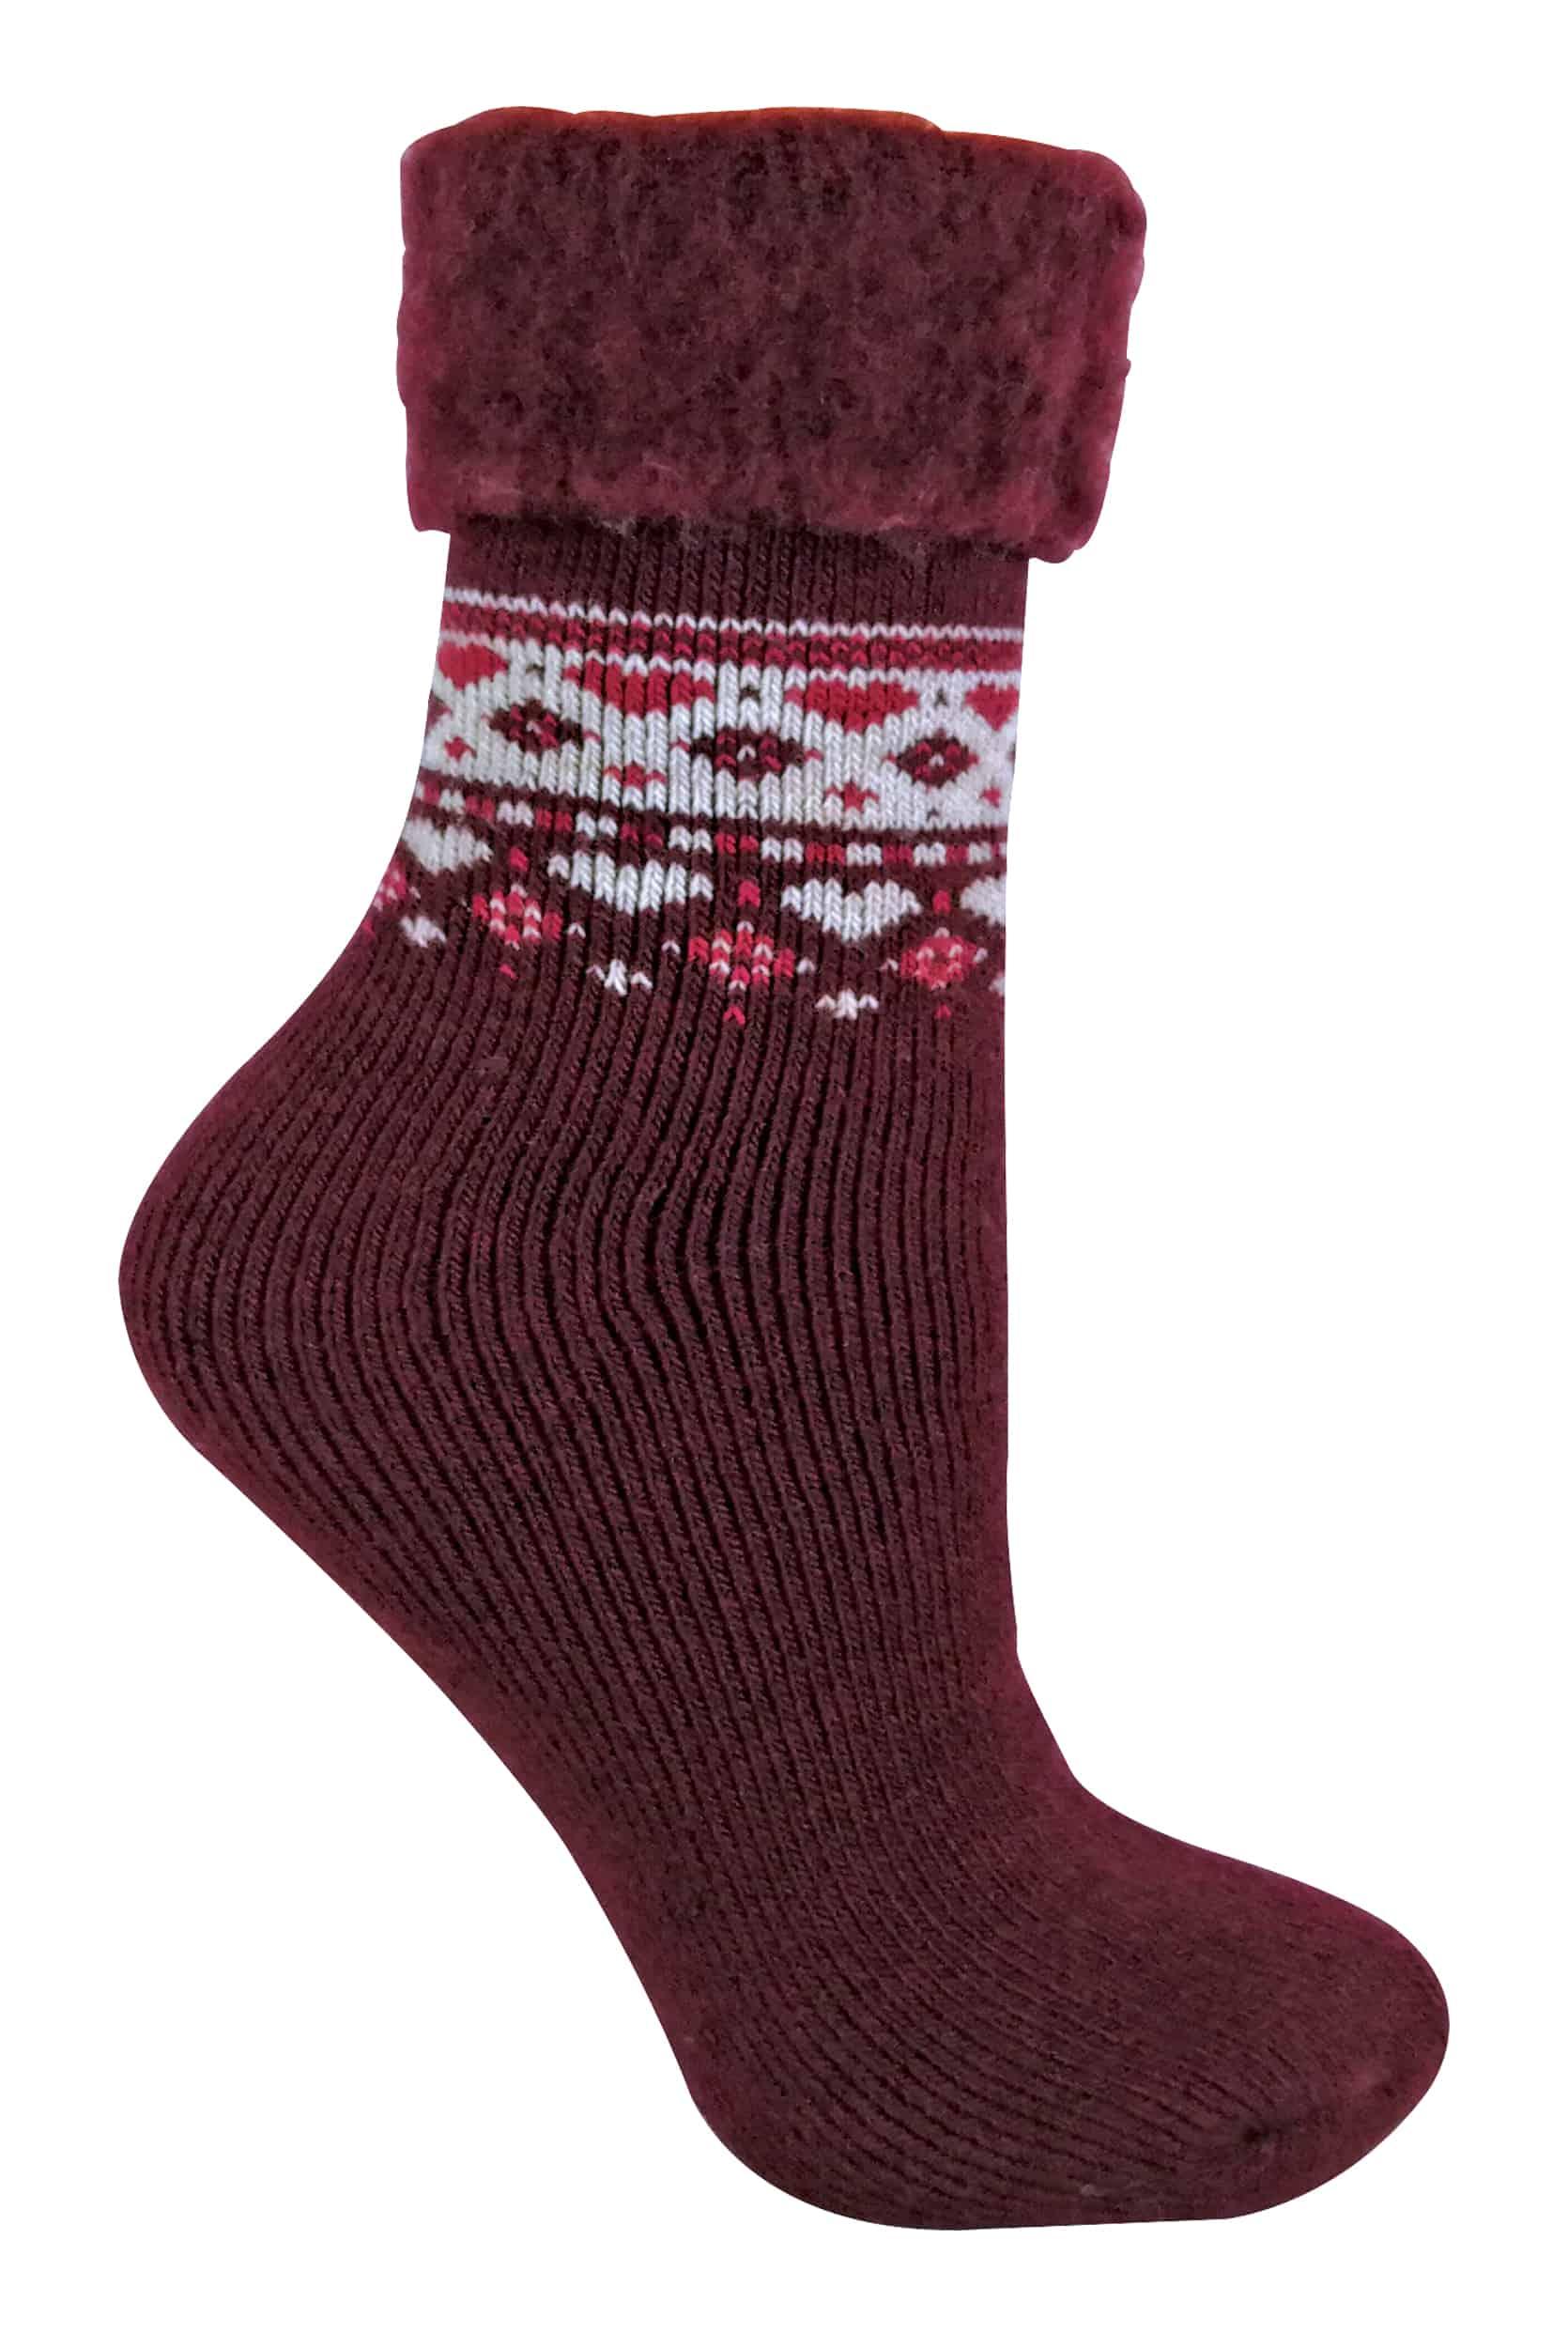 Ladies Patterned Wool Sock - Burgundy